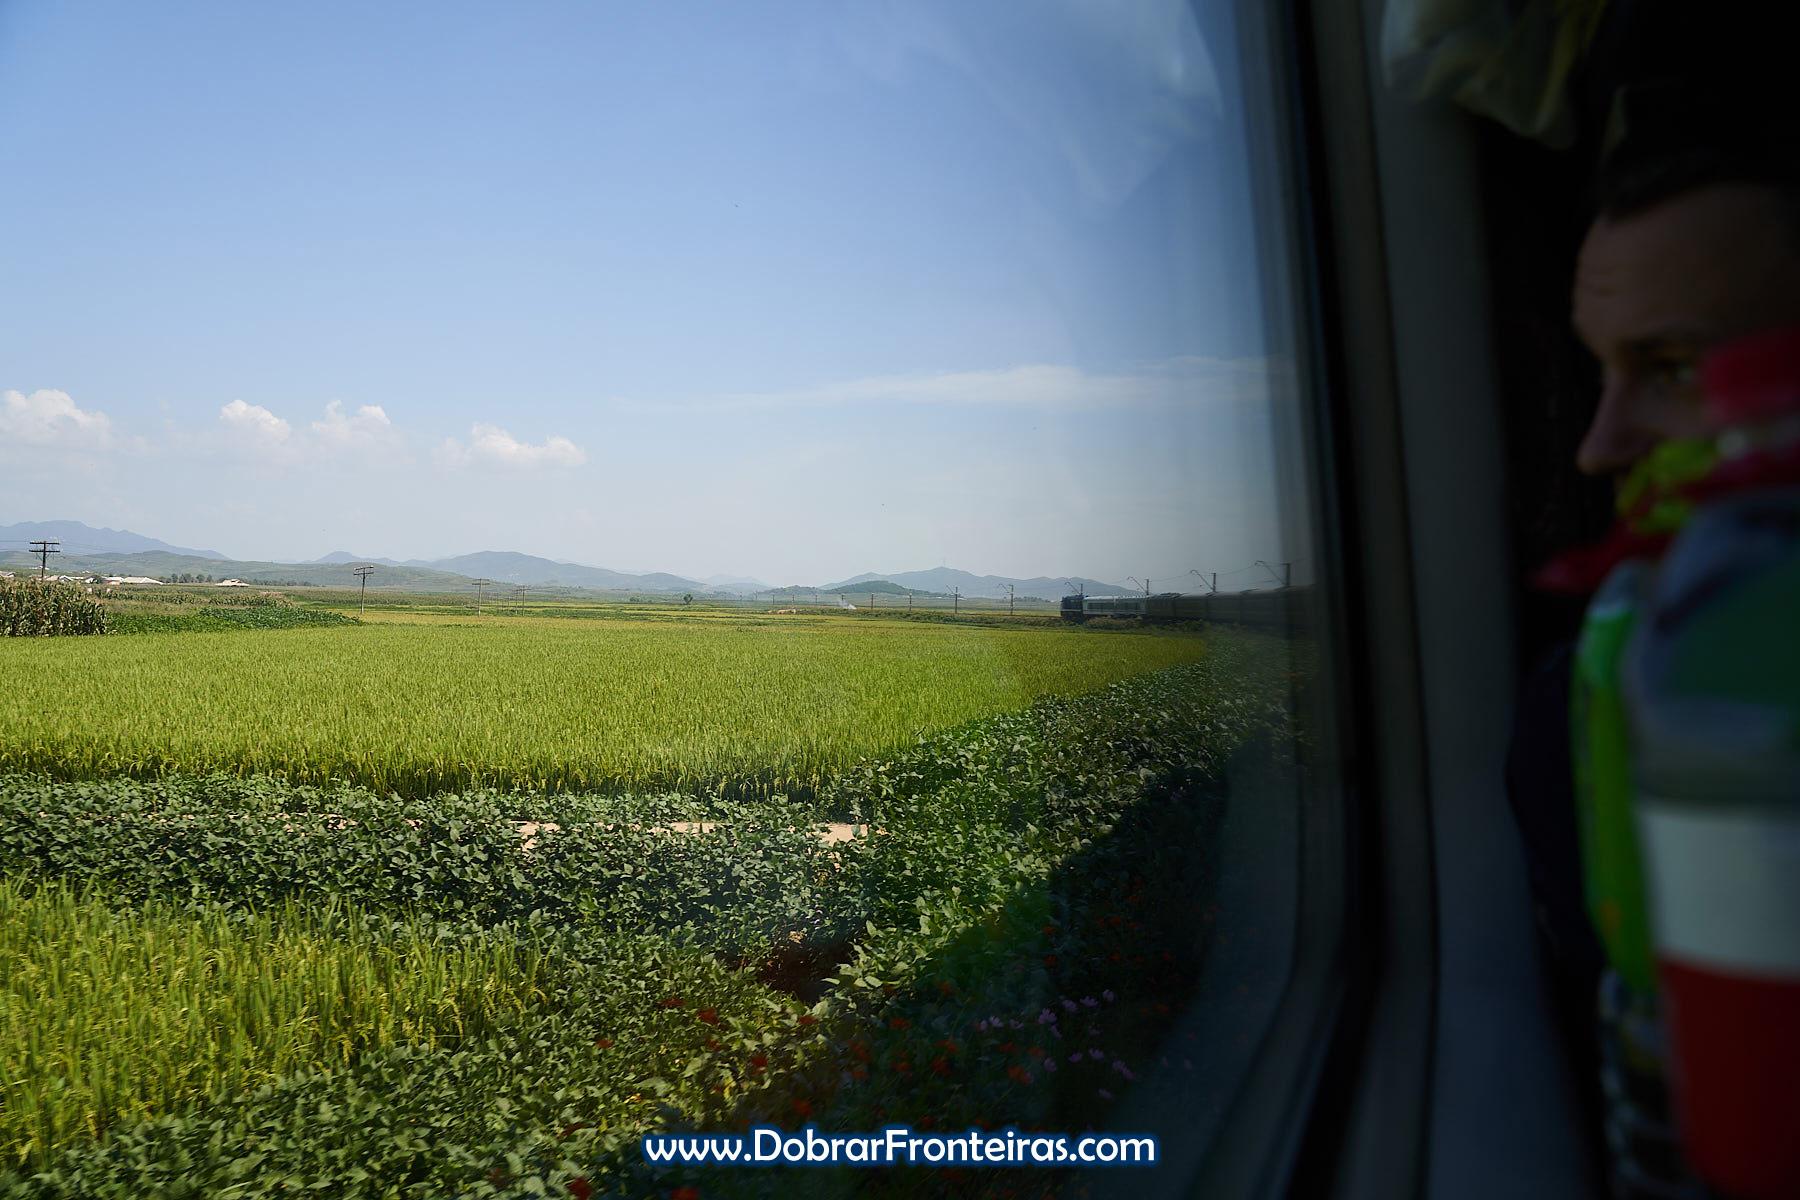 vista à janela de comboio na Coreia do Norte